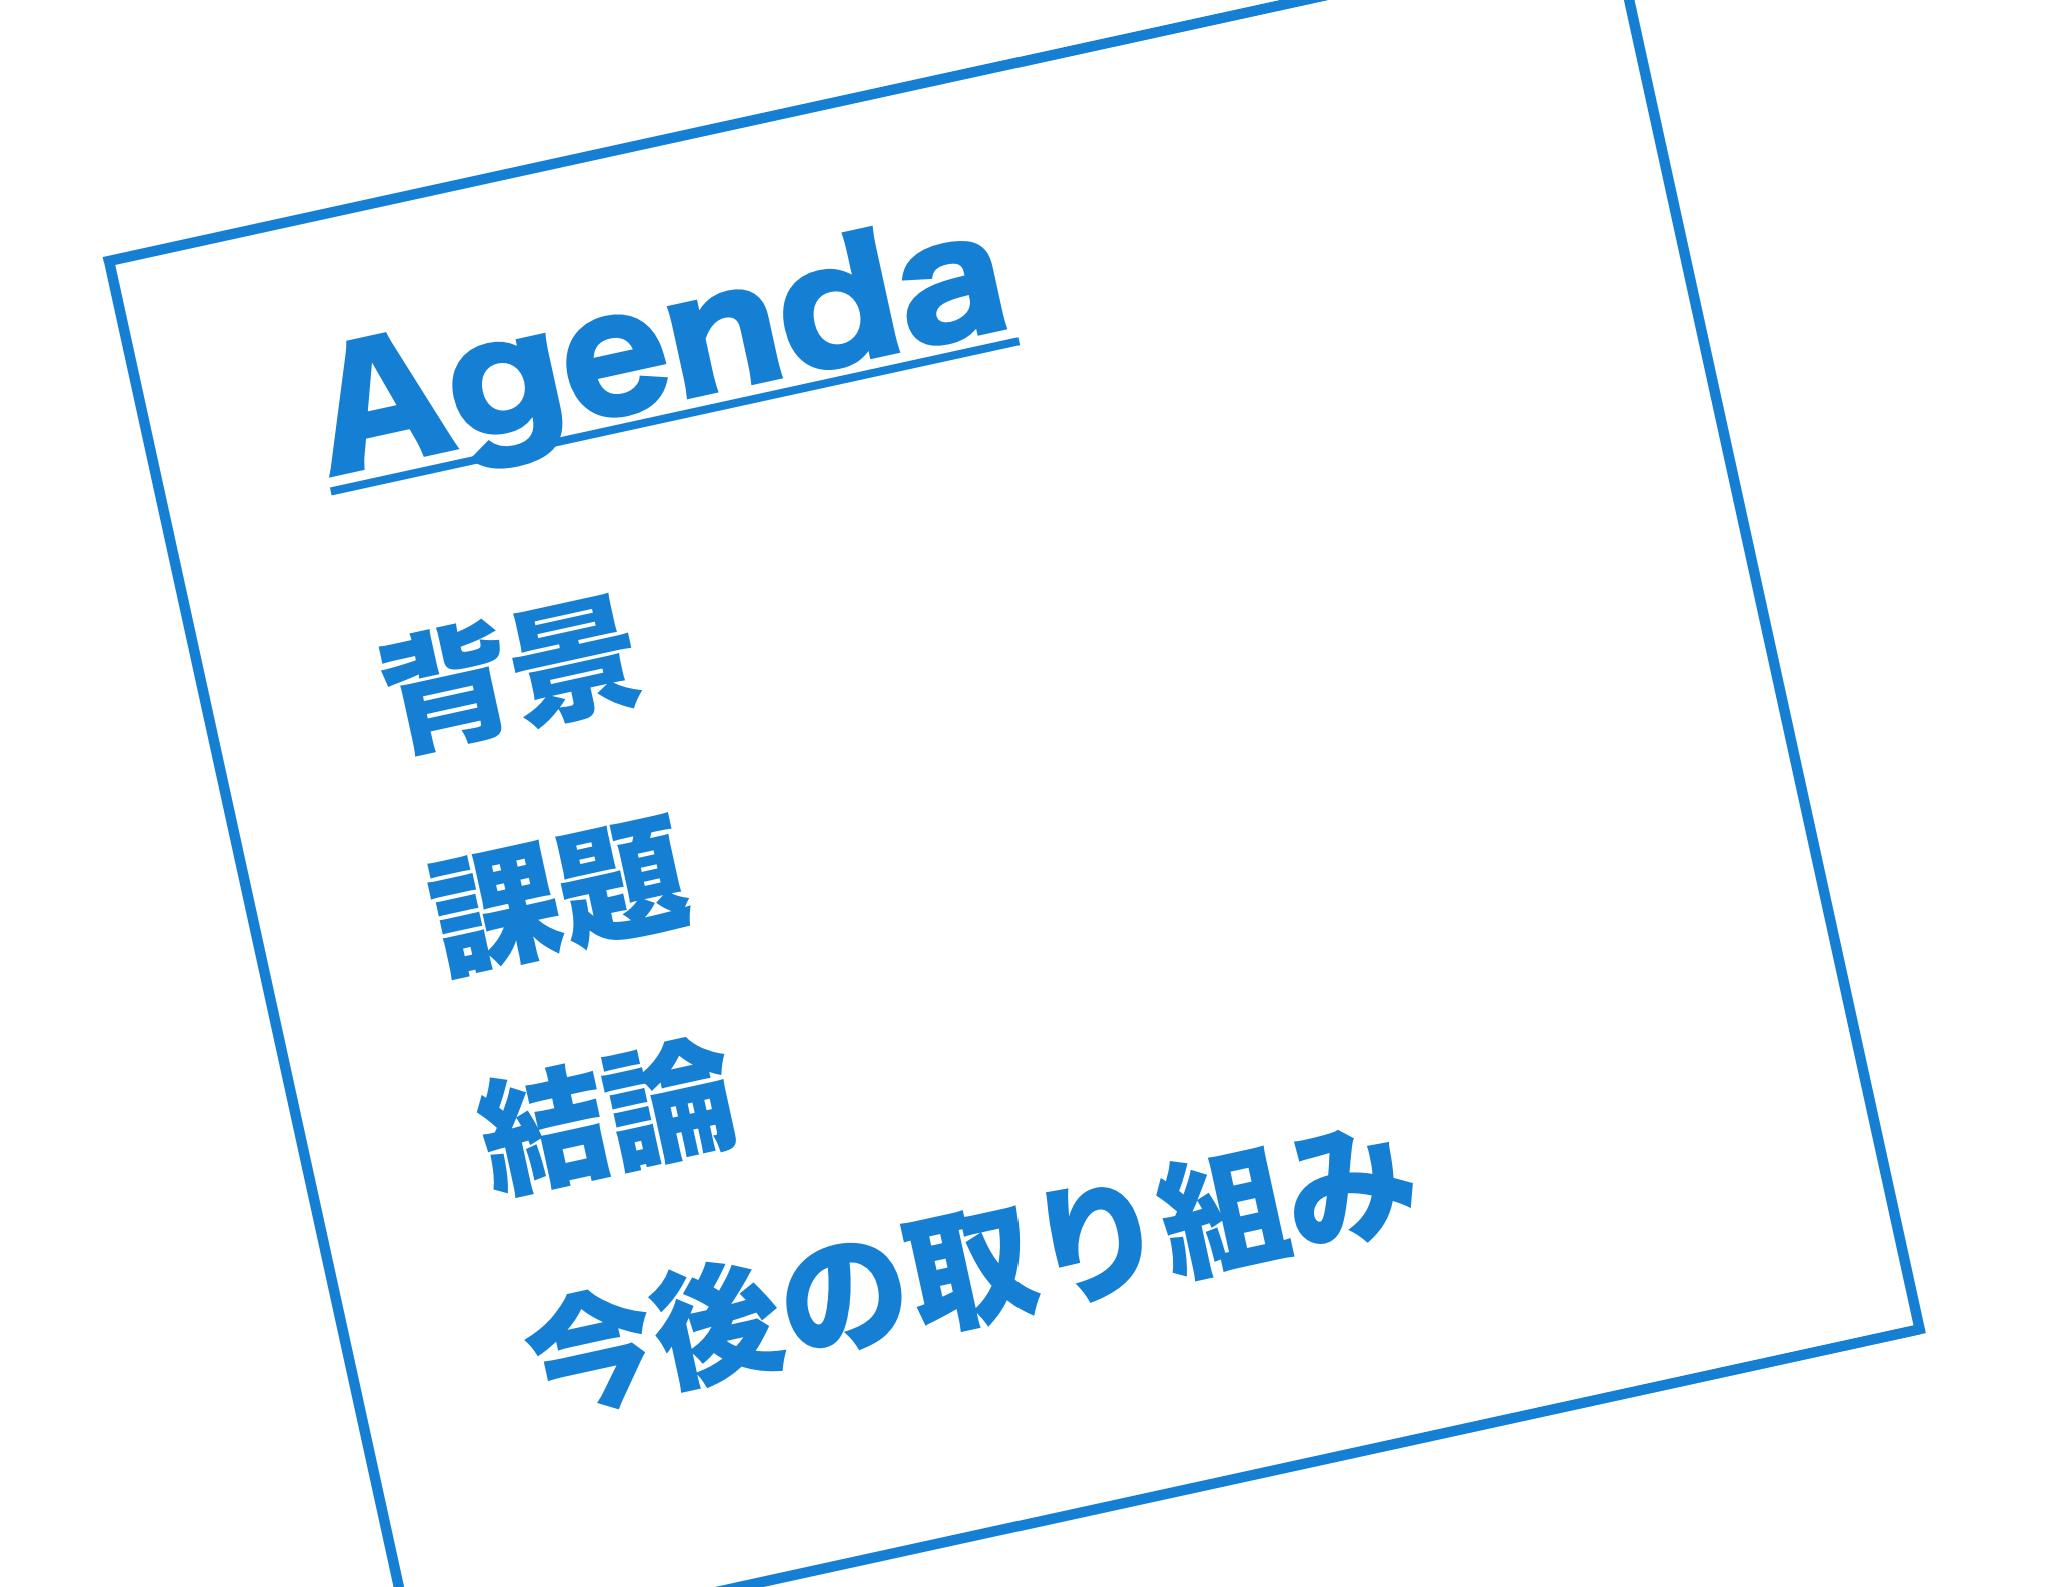 スクリーンショット 2015-11-01 20.57.53